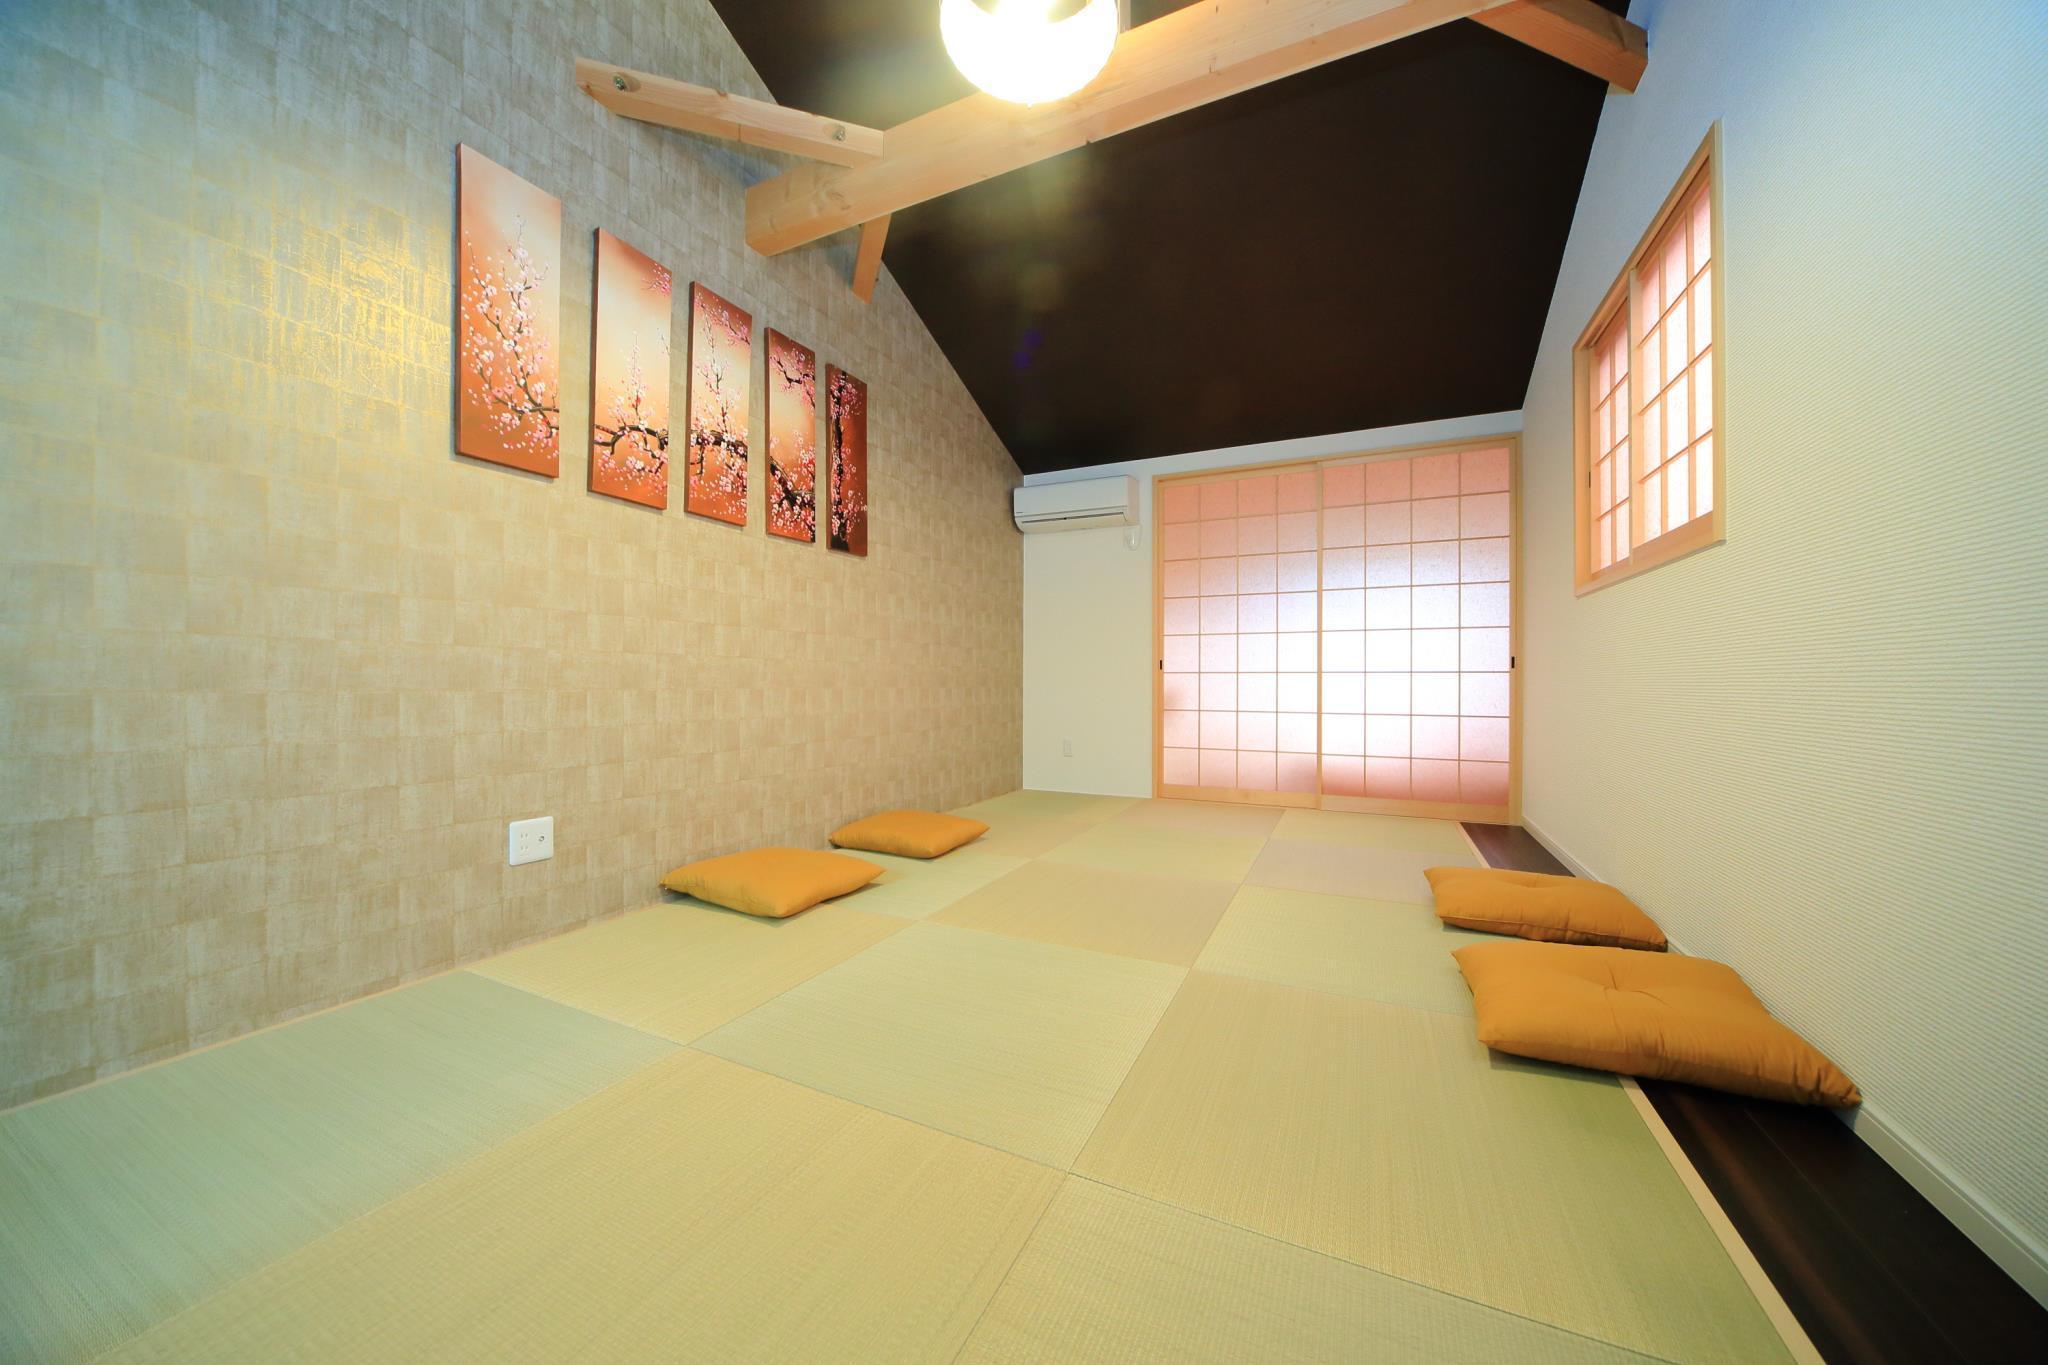 古都京都東寺2住宅 COTO Kyoto Toji 2